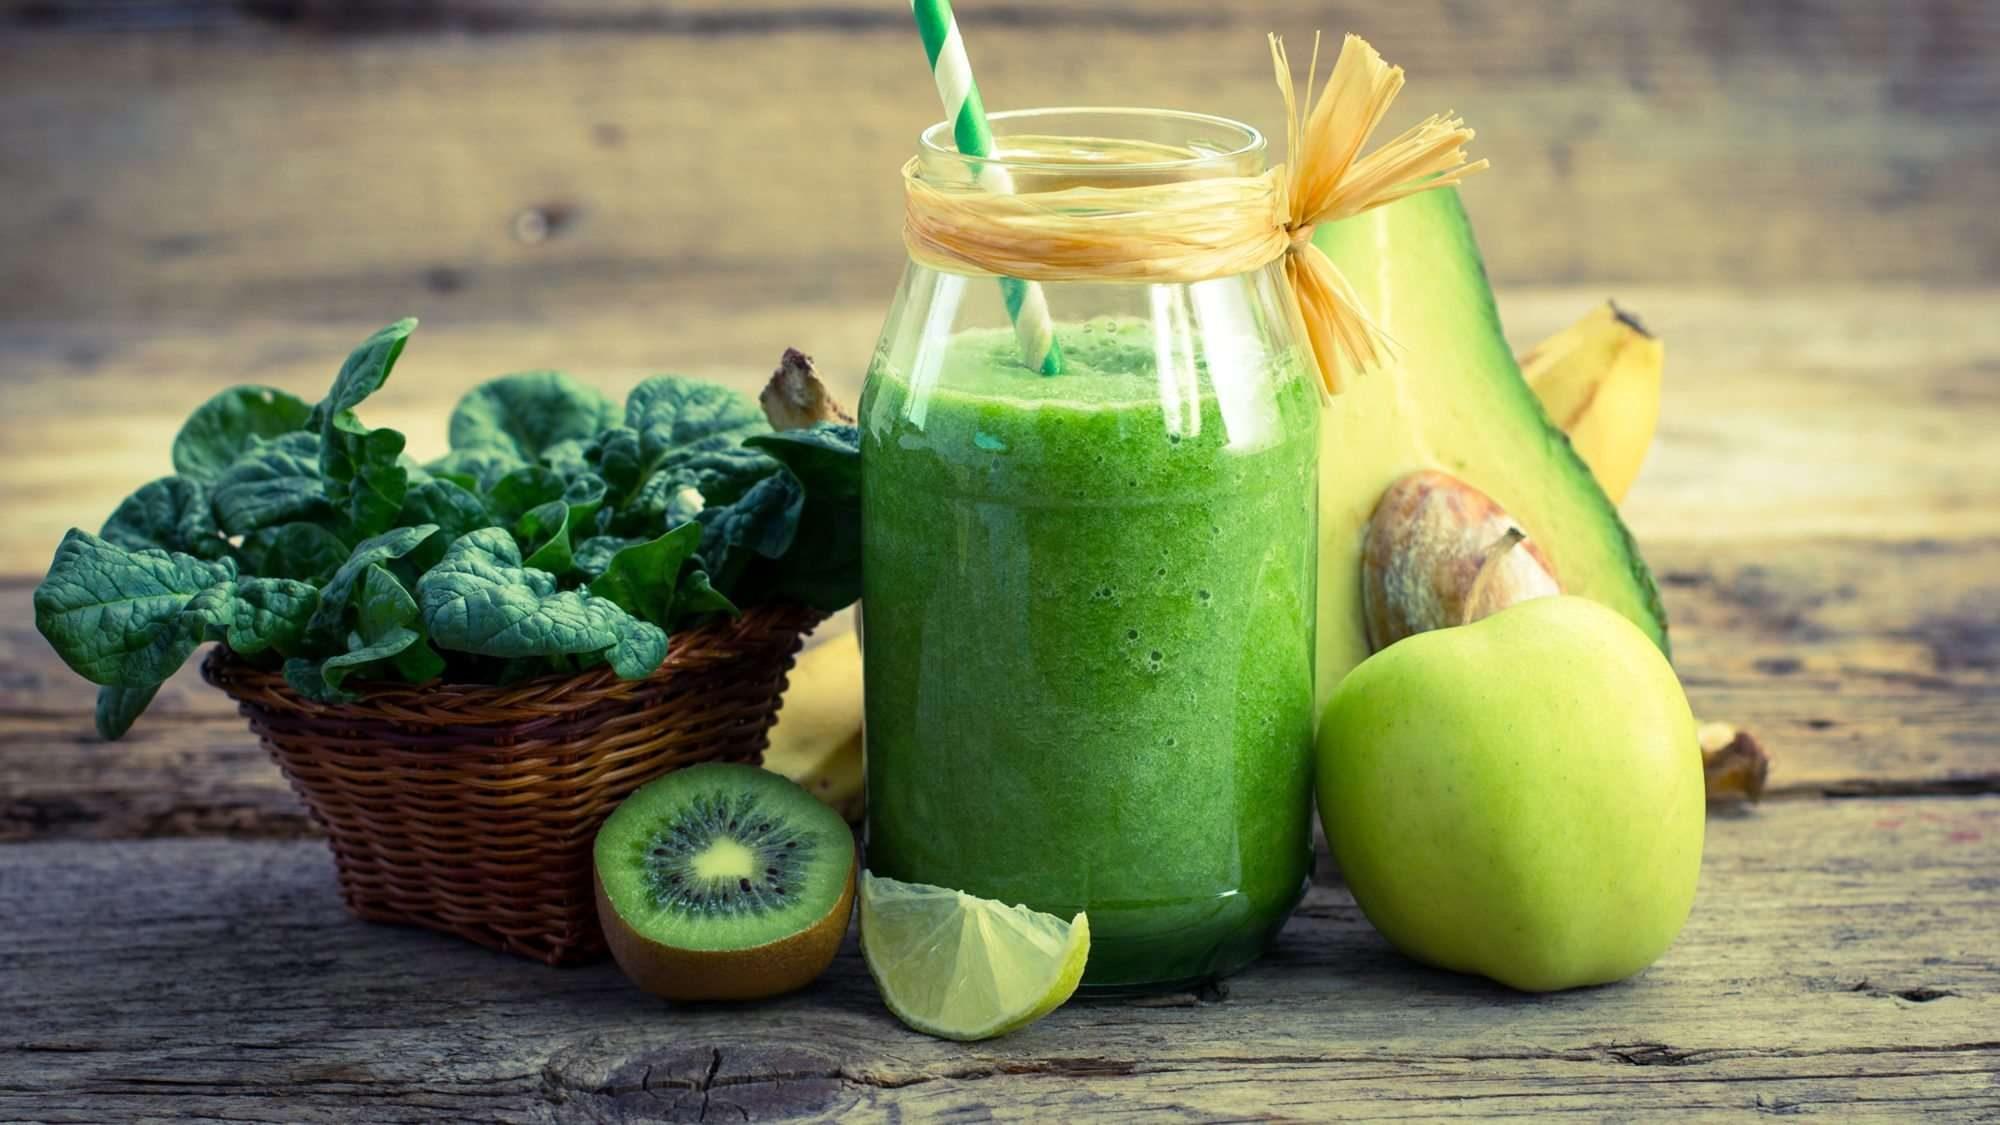 drinks_kiwi_fruit_wood_511377_3840x2160-2000x1125